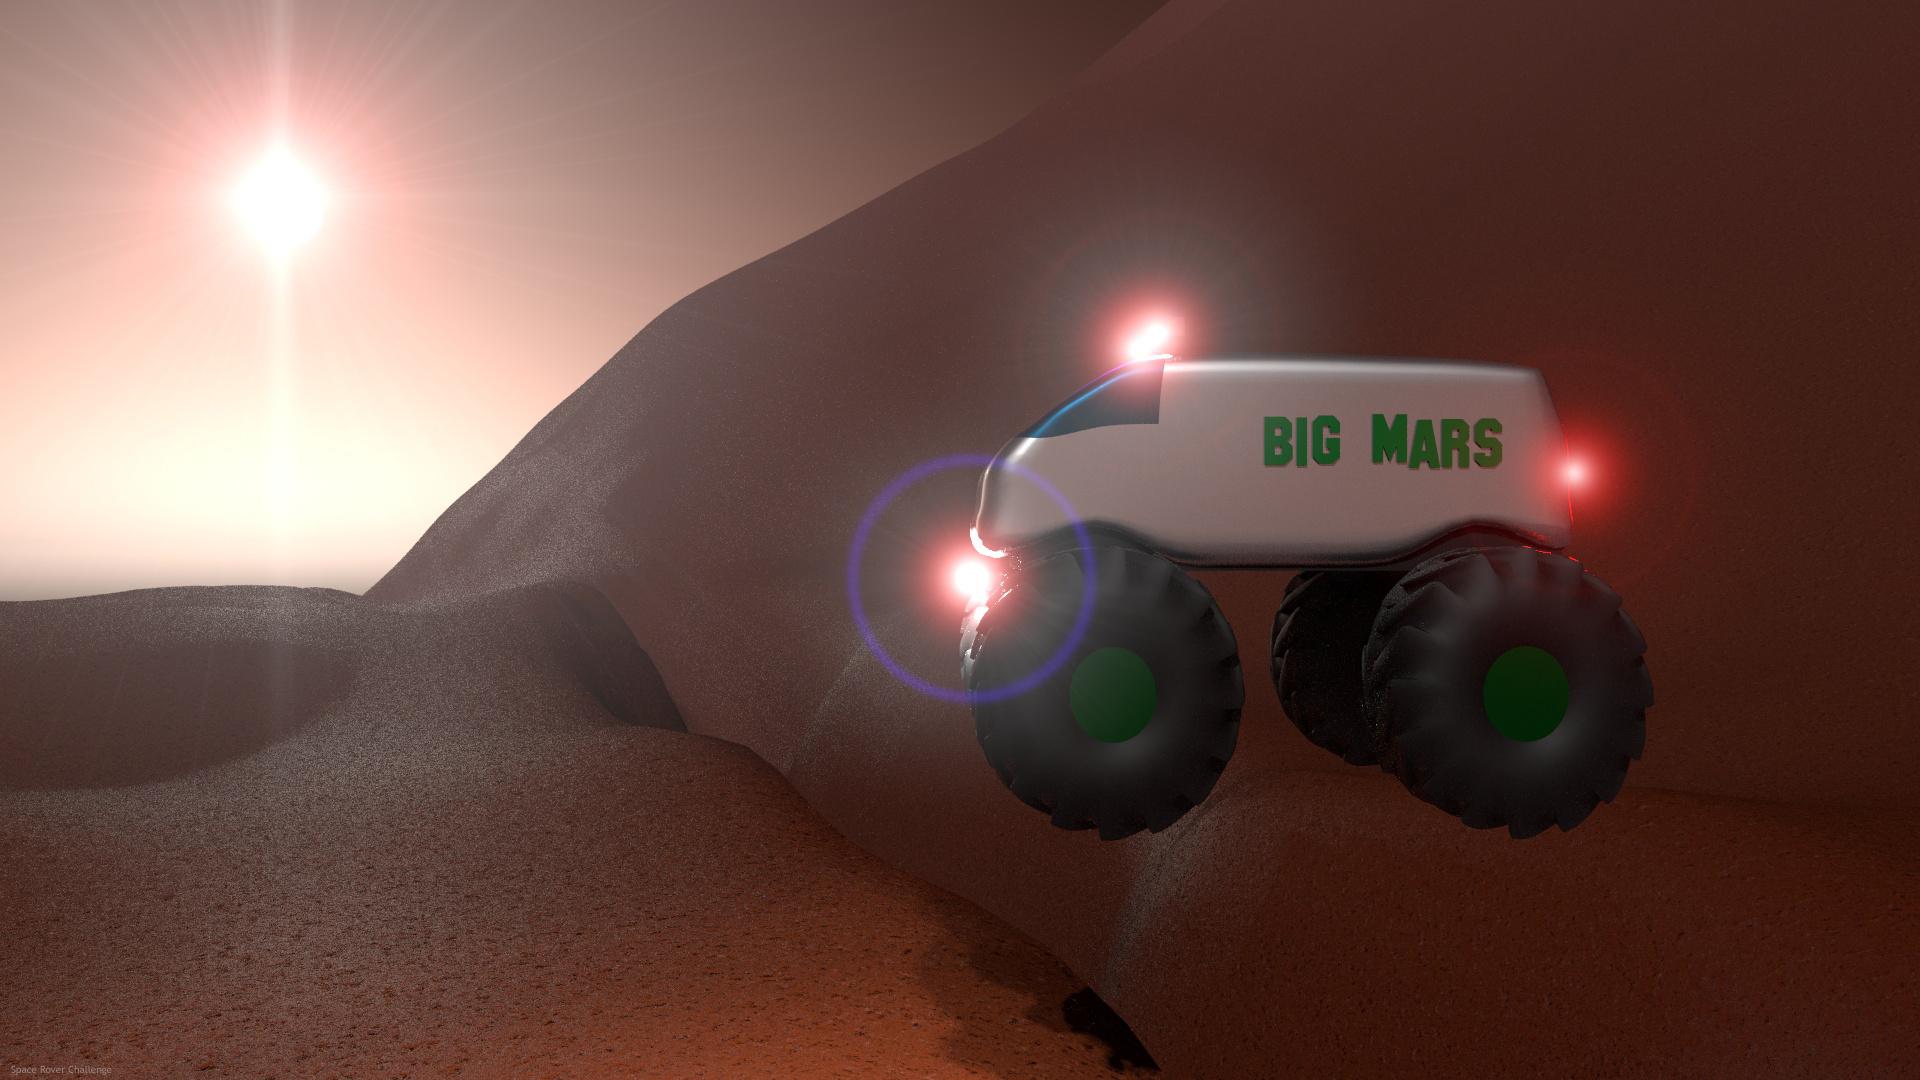 Big Mars 3d art